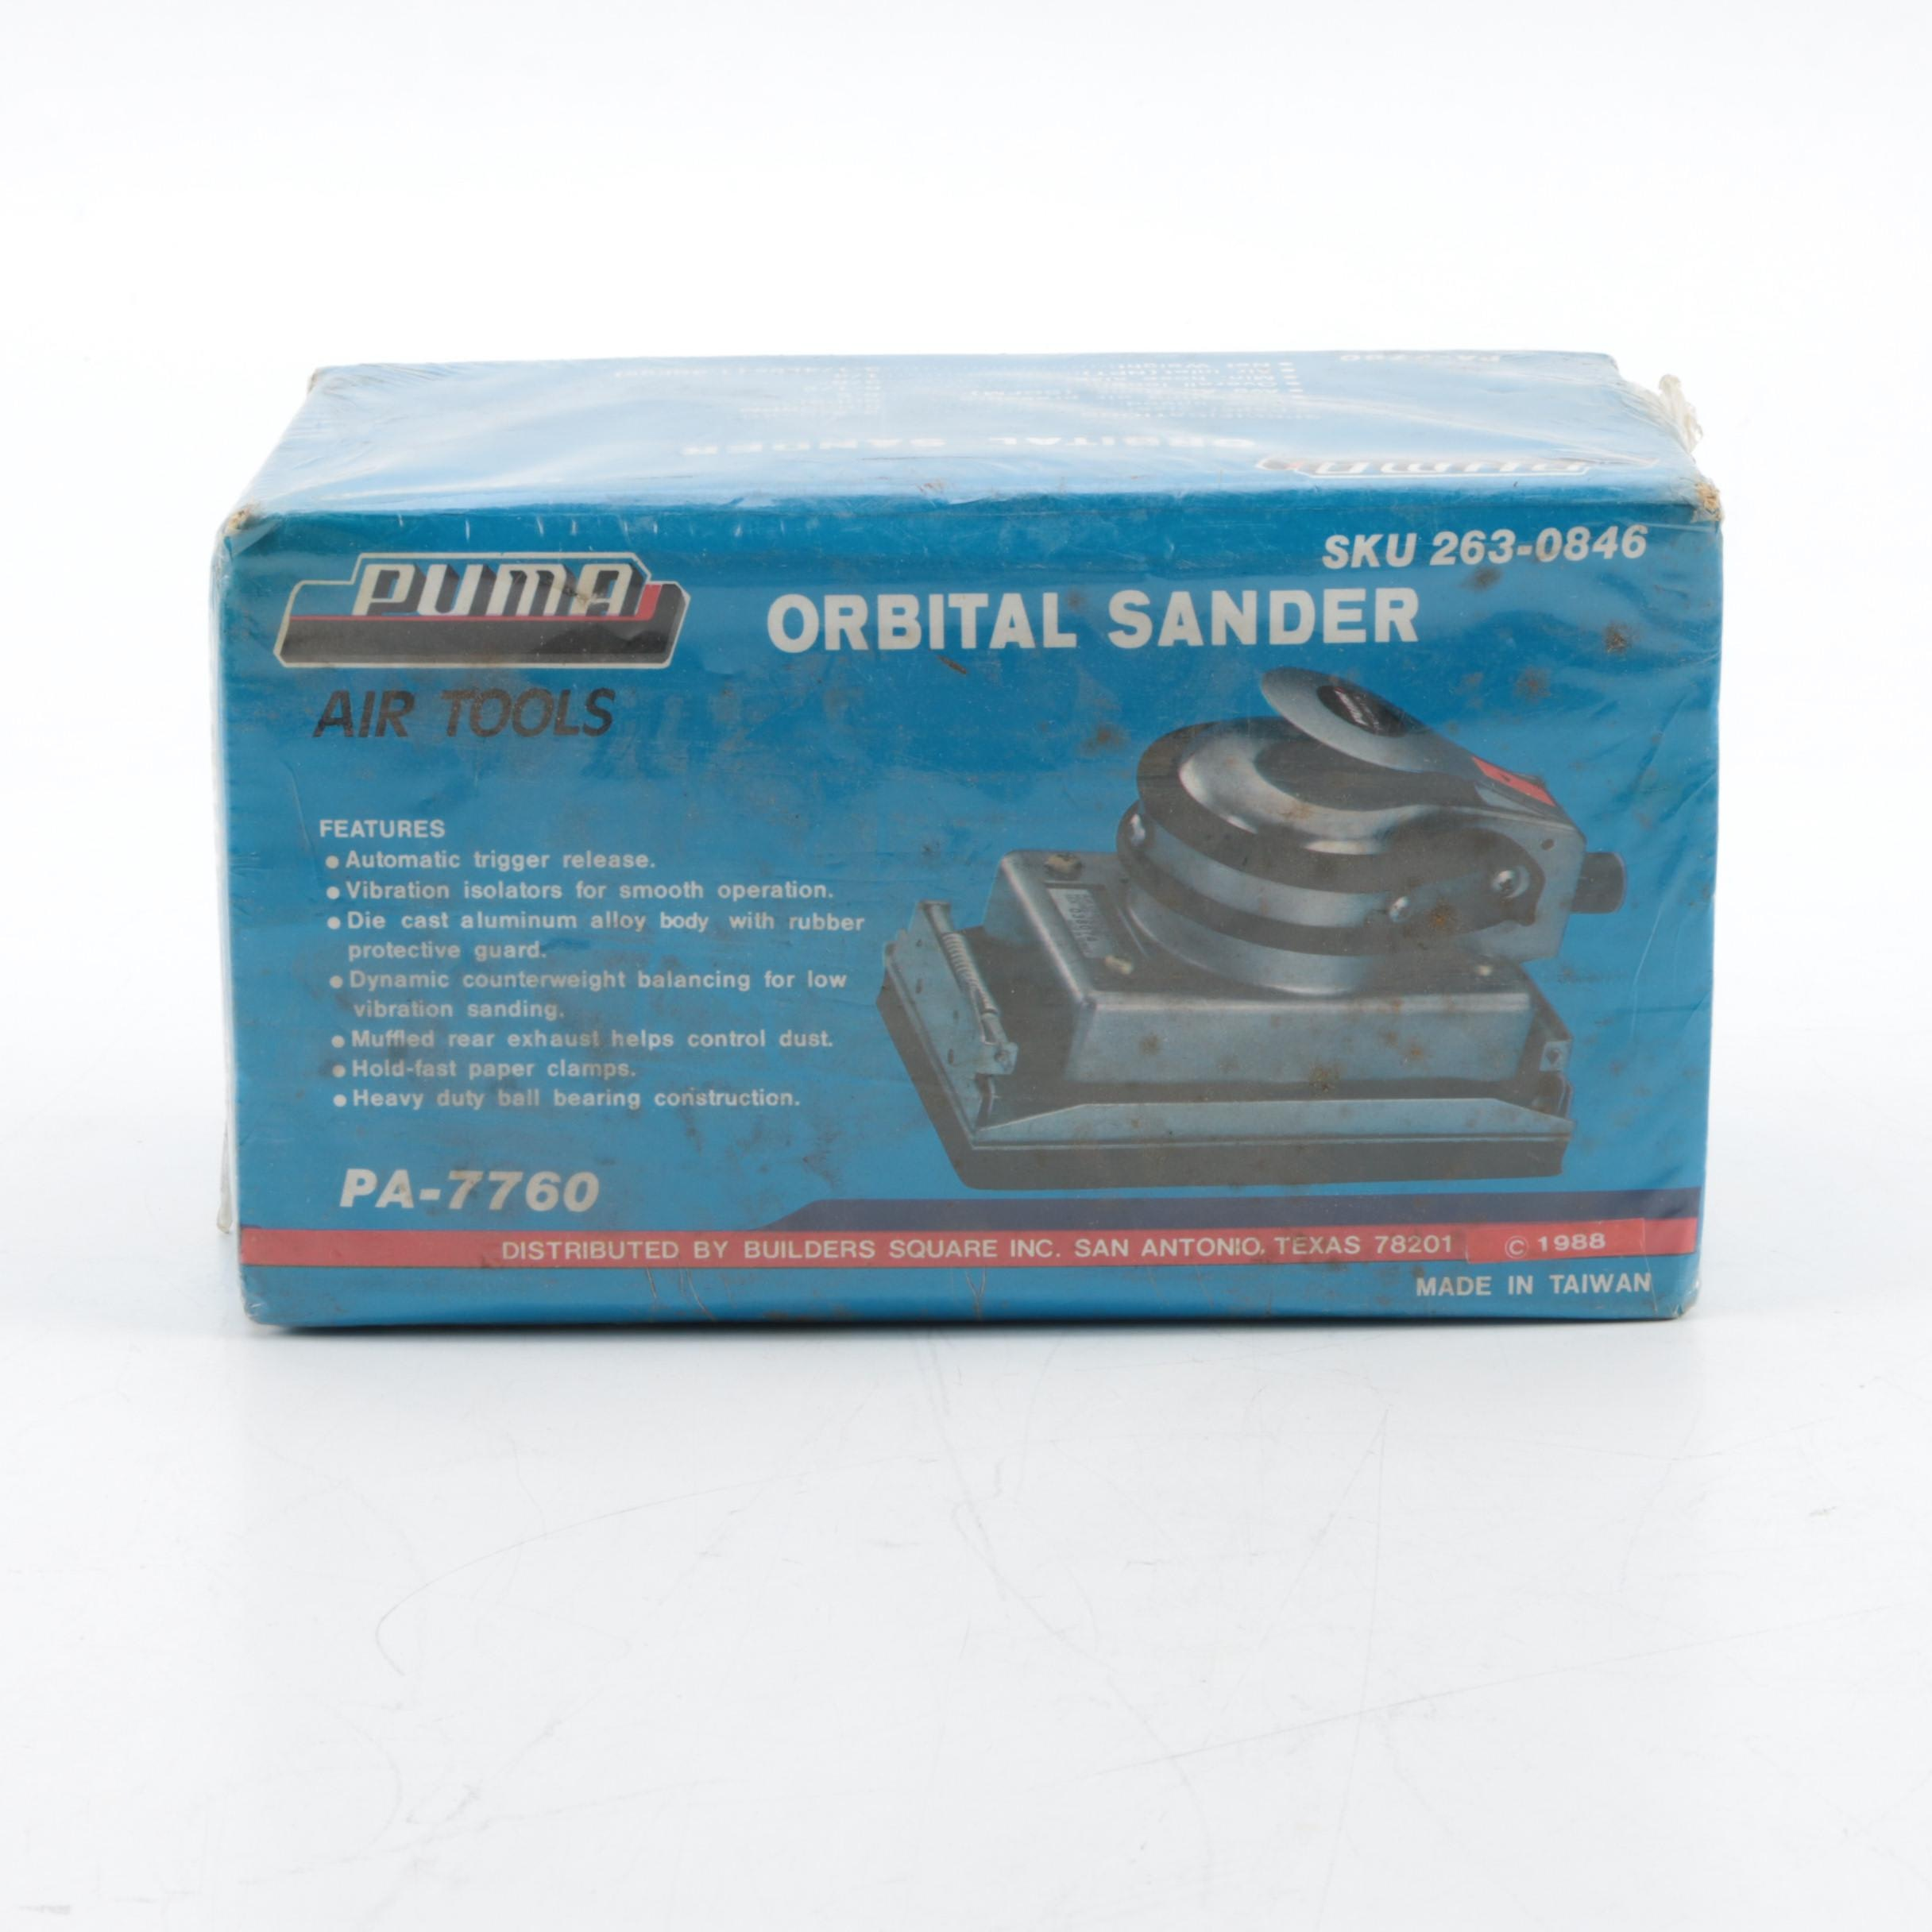 Puma Orbital Sander